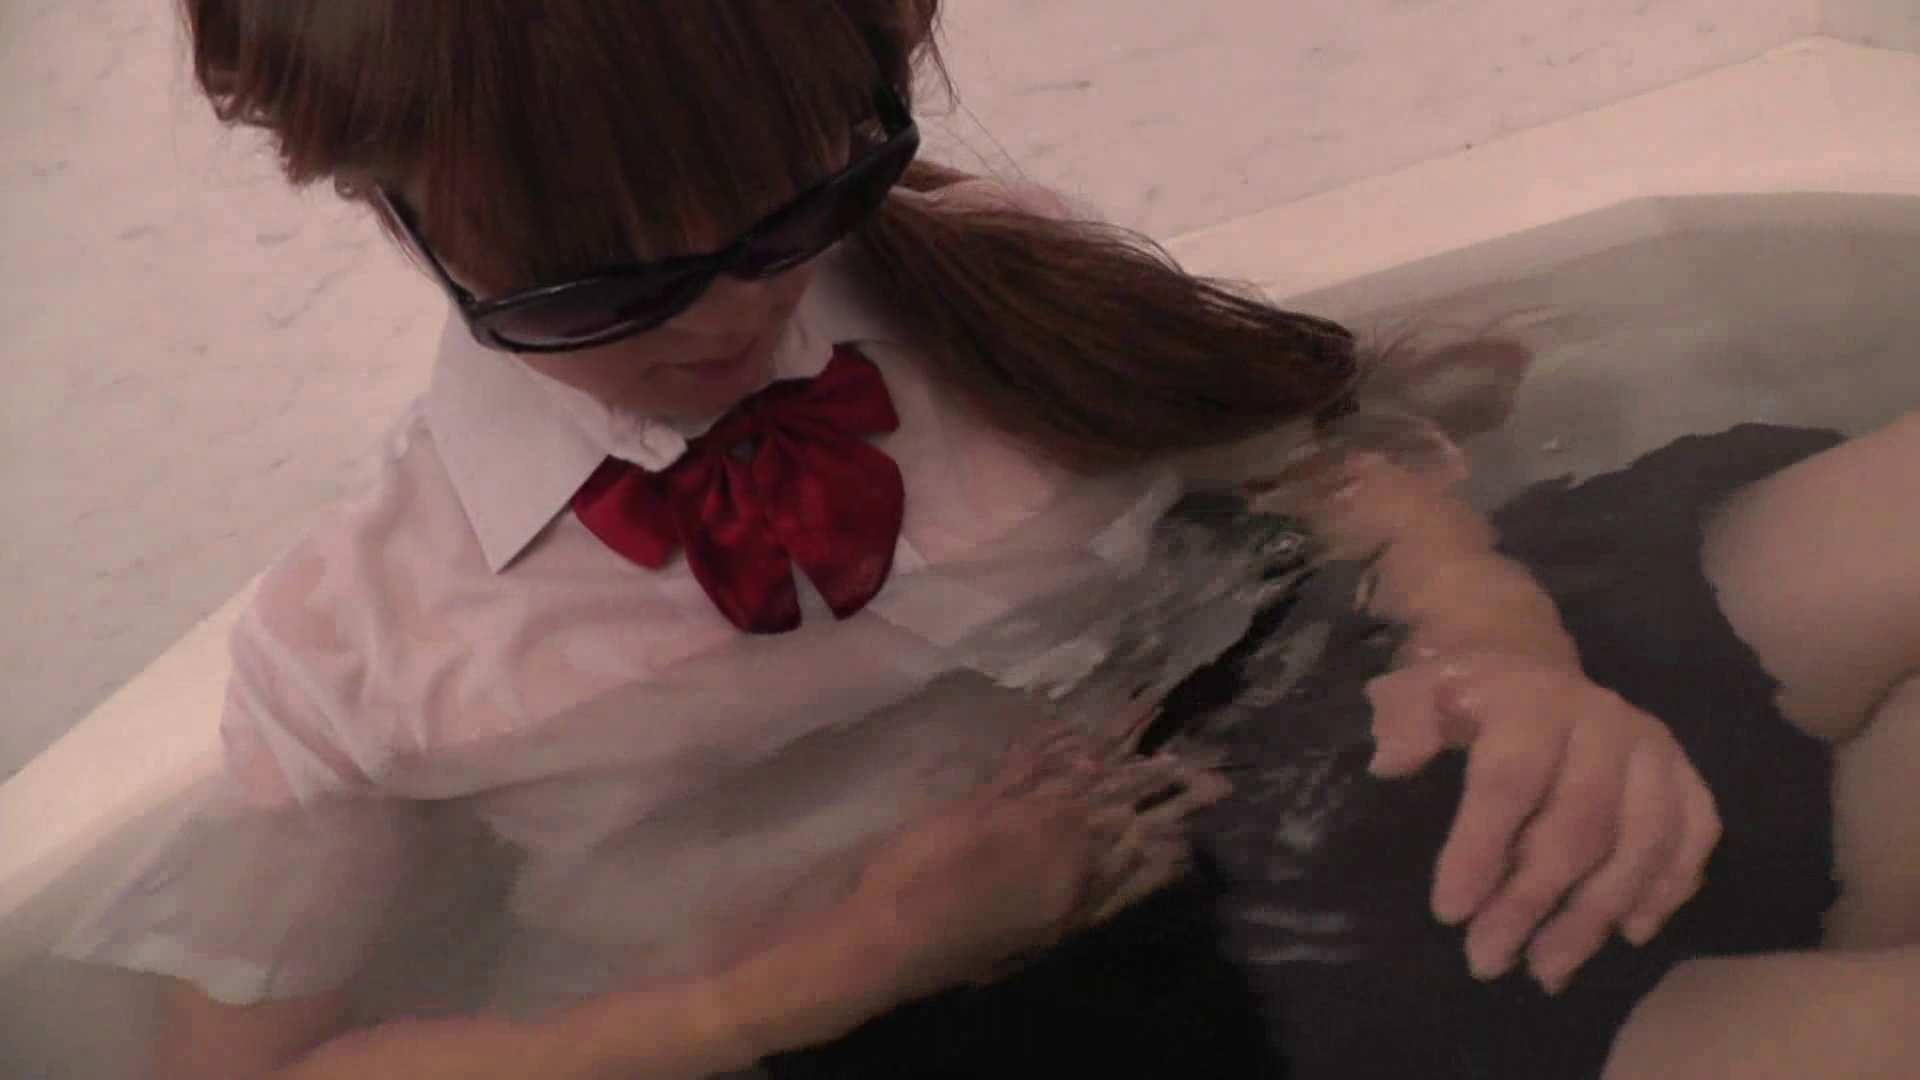 俺推し素人 Bカップ20代人妻現役ナース久美 ナース丸裸 アダルト動画キャプチャ 93pic 38